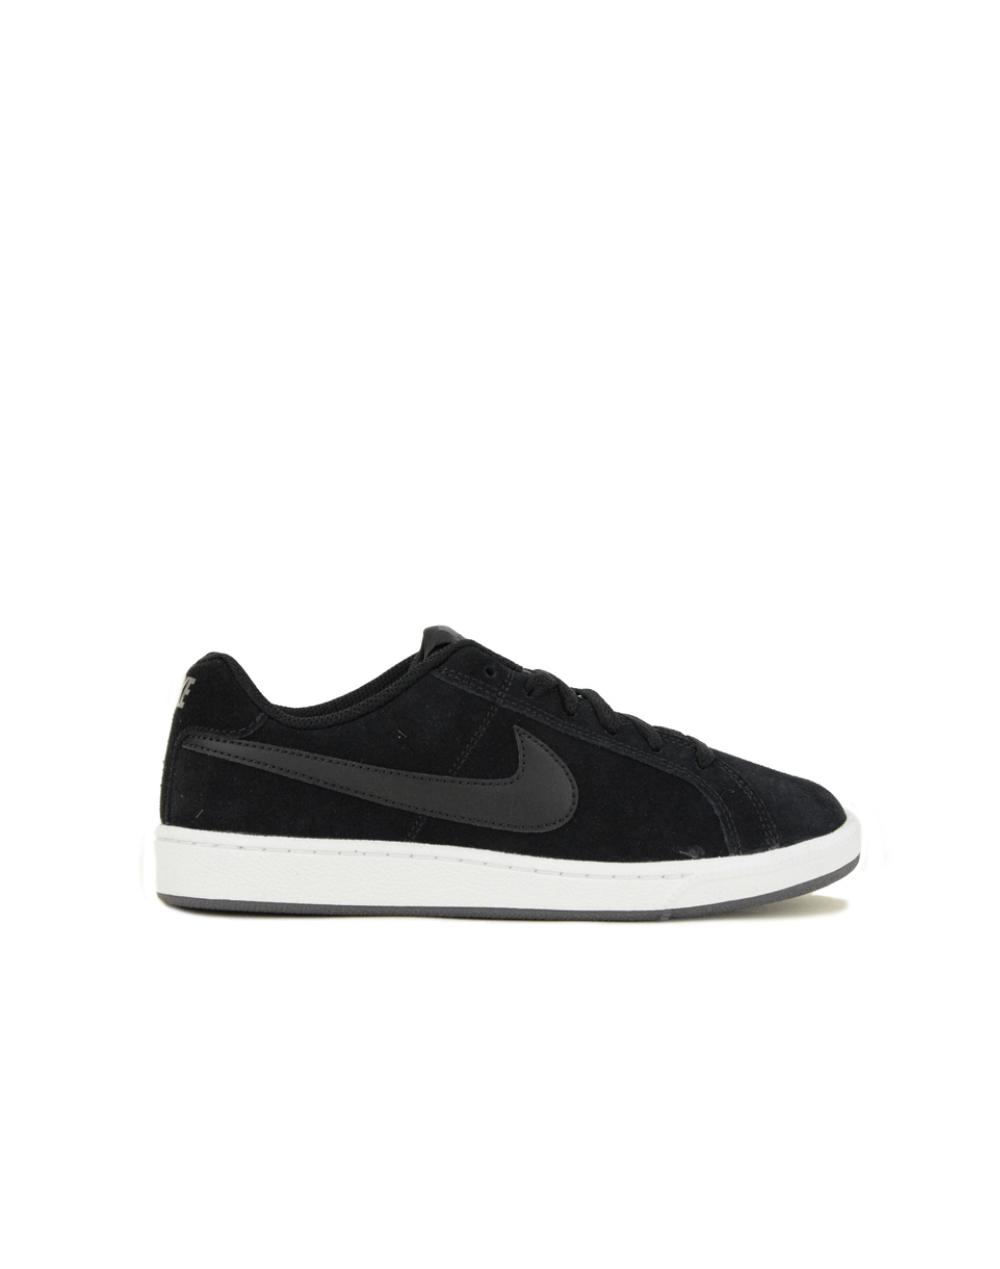 c0e4e6c50d6bc Nike Wmns Court Royale Premium Black (AJ7731 002)